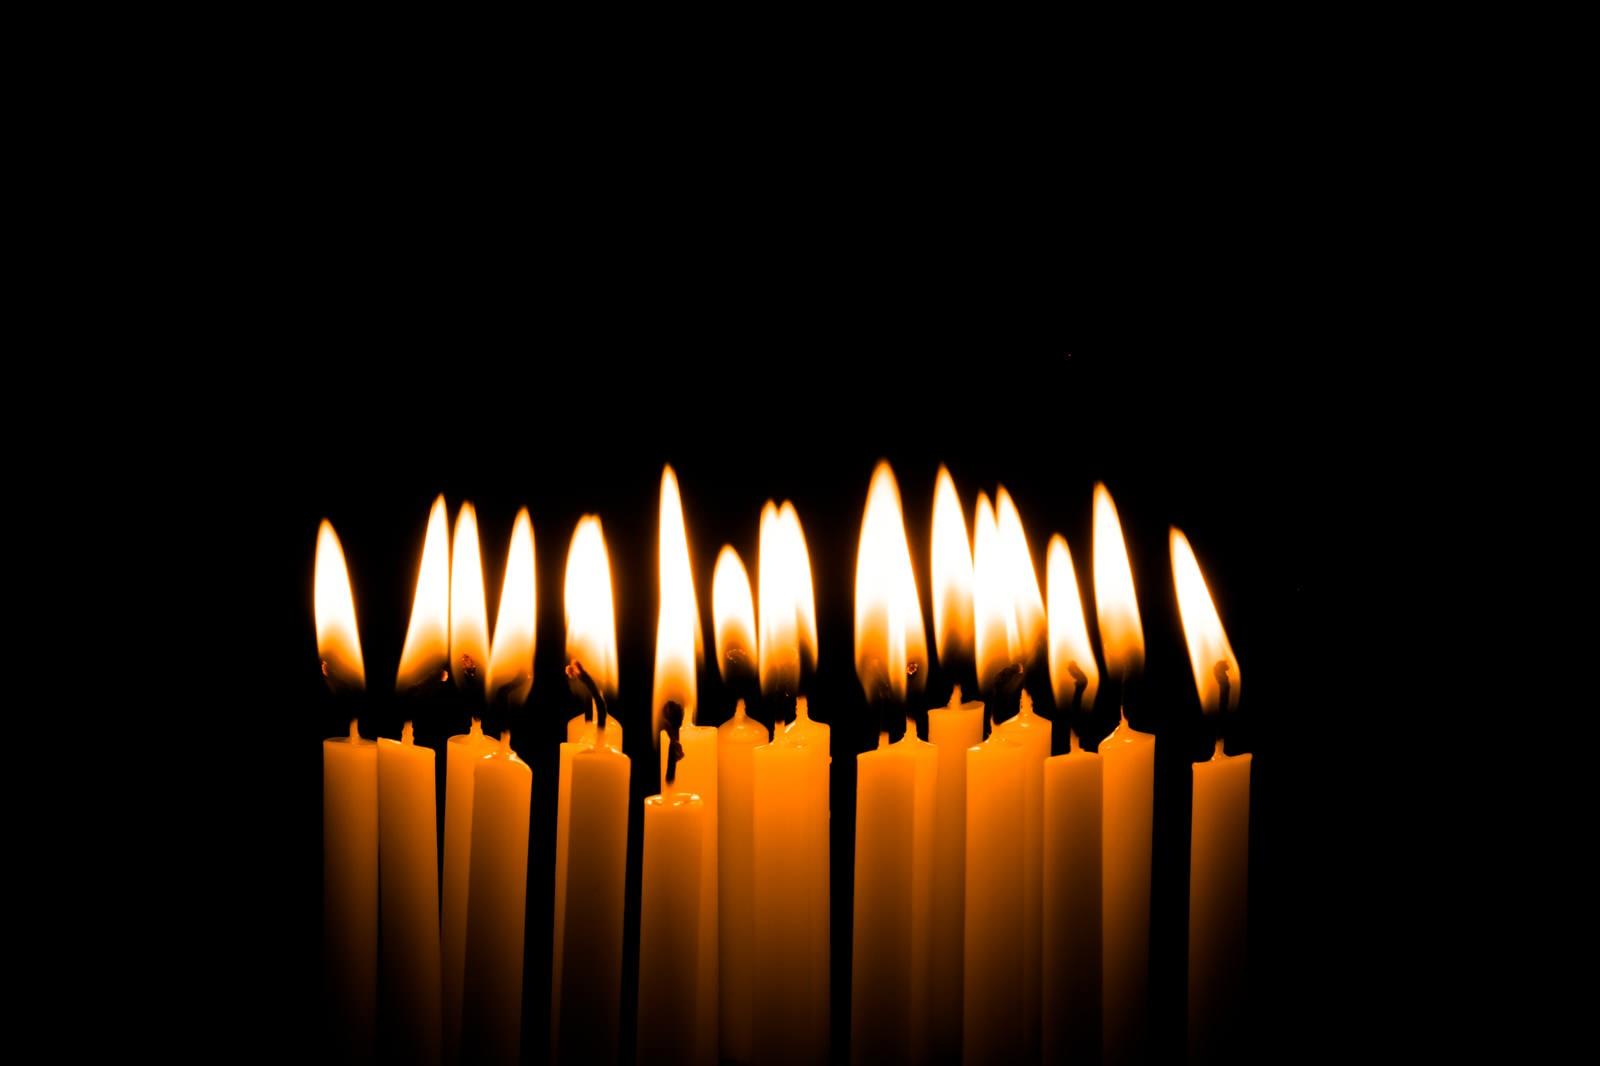 「火がついた和ろうそく」の写真